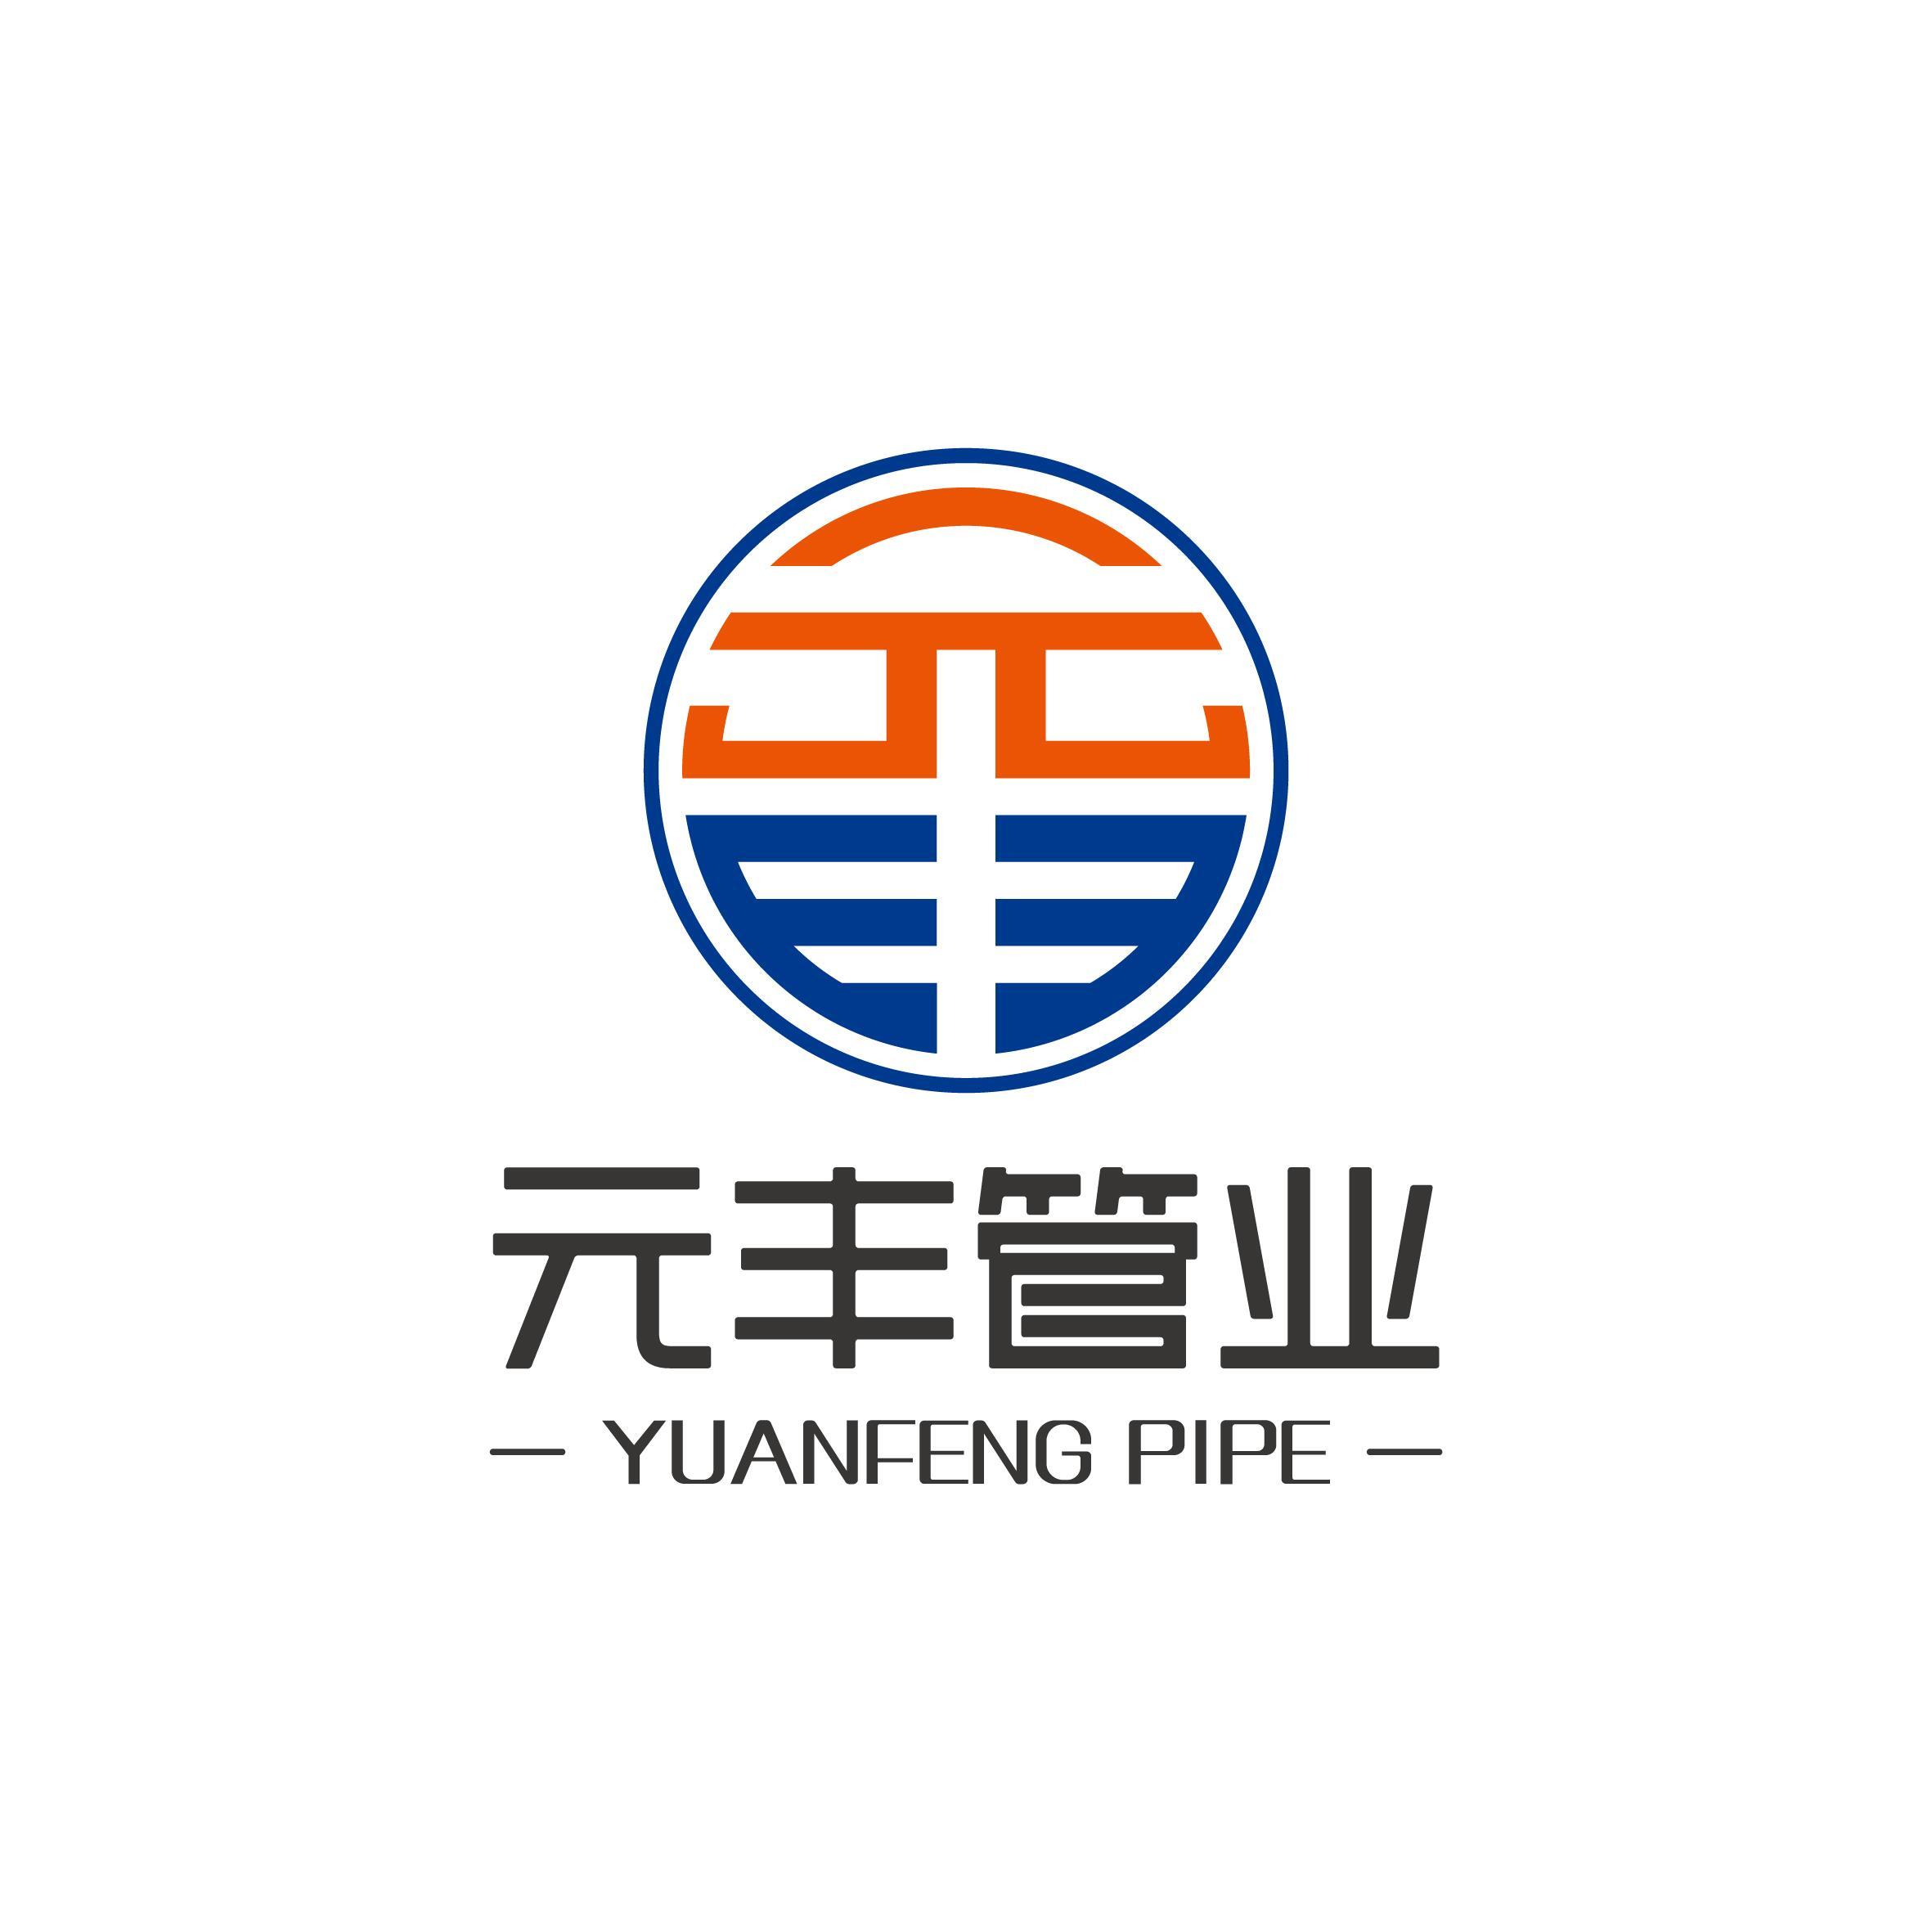 Gongyi Yuanfeng Pipe Co.,Ltd logo